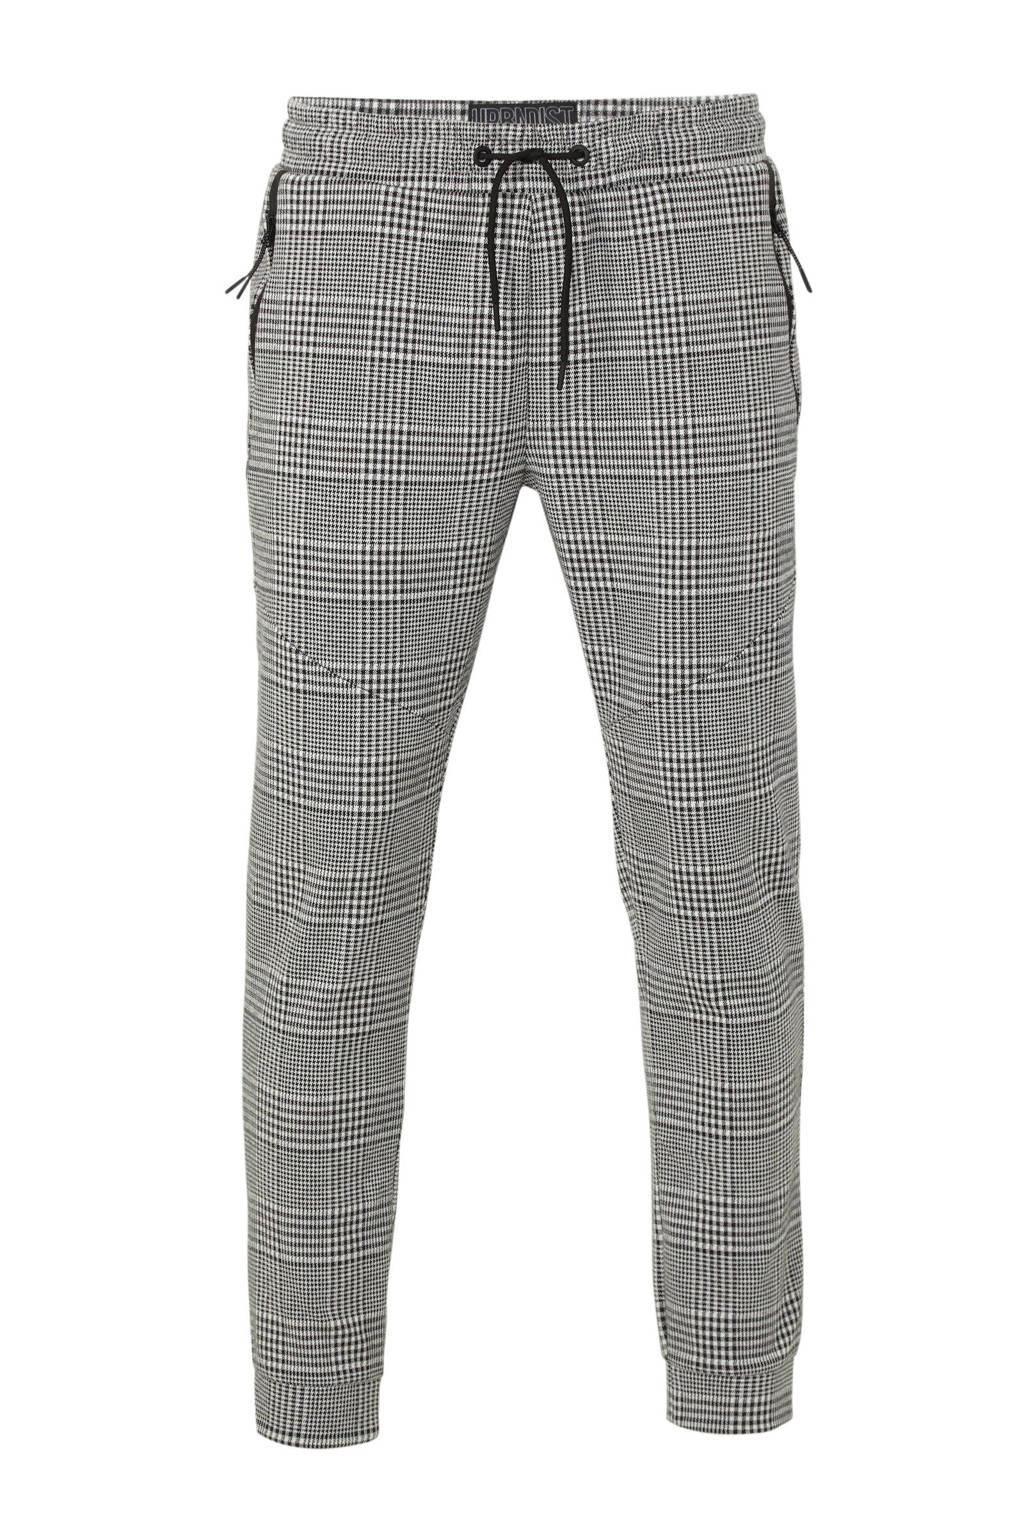 C&A Angelo Litrico regular fit joggingbroek met all over print zwart/wit, Zwart/wit